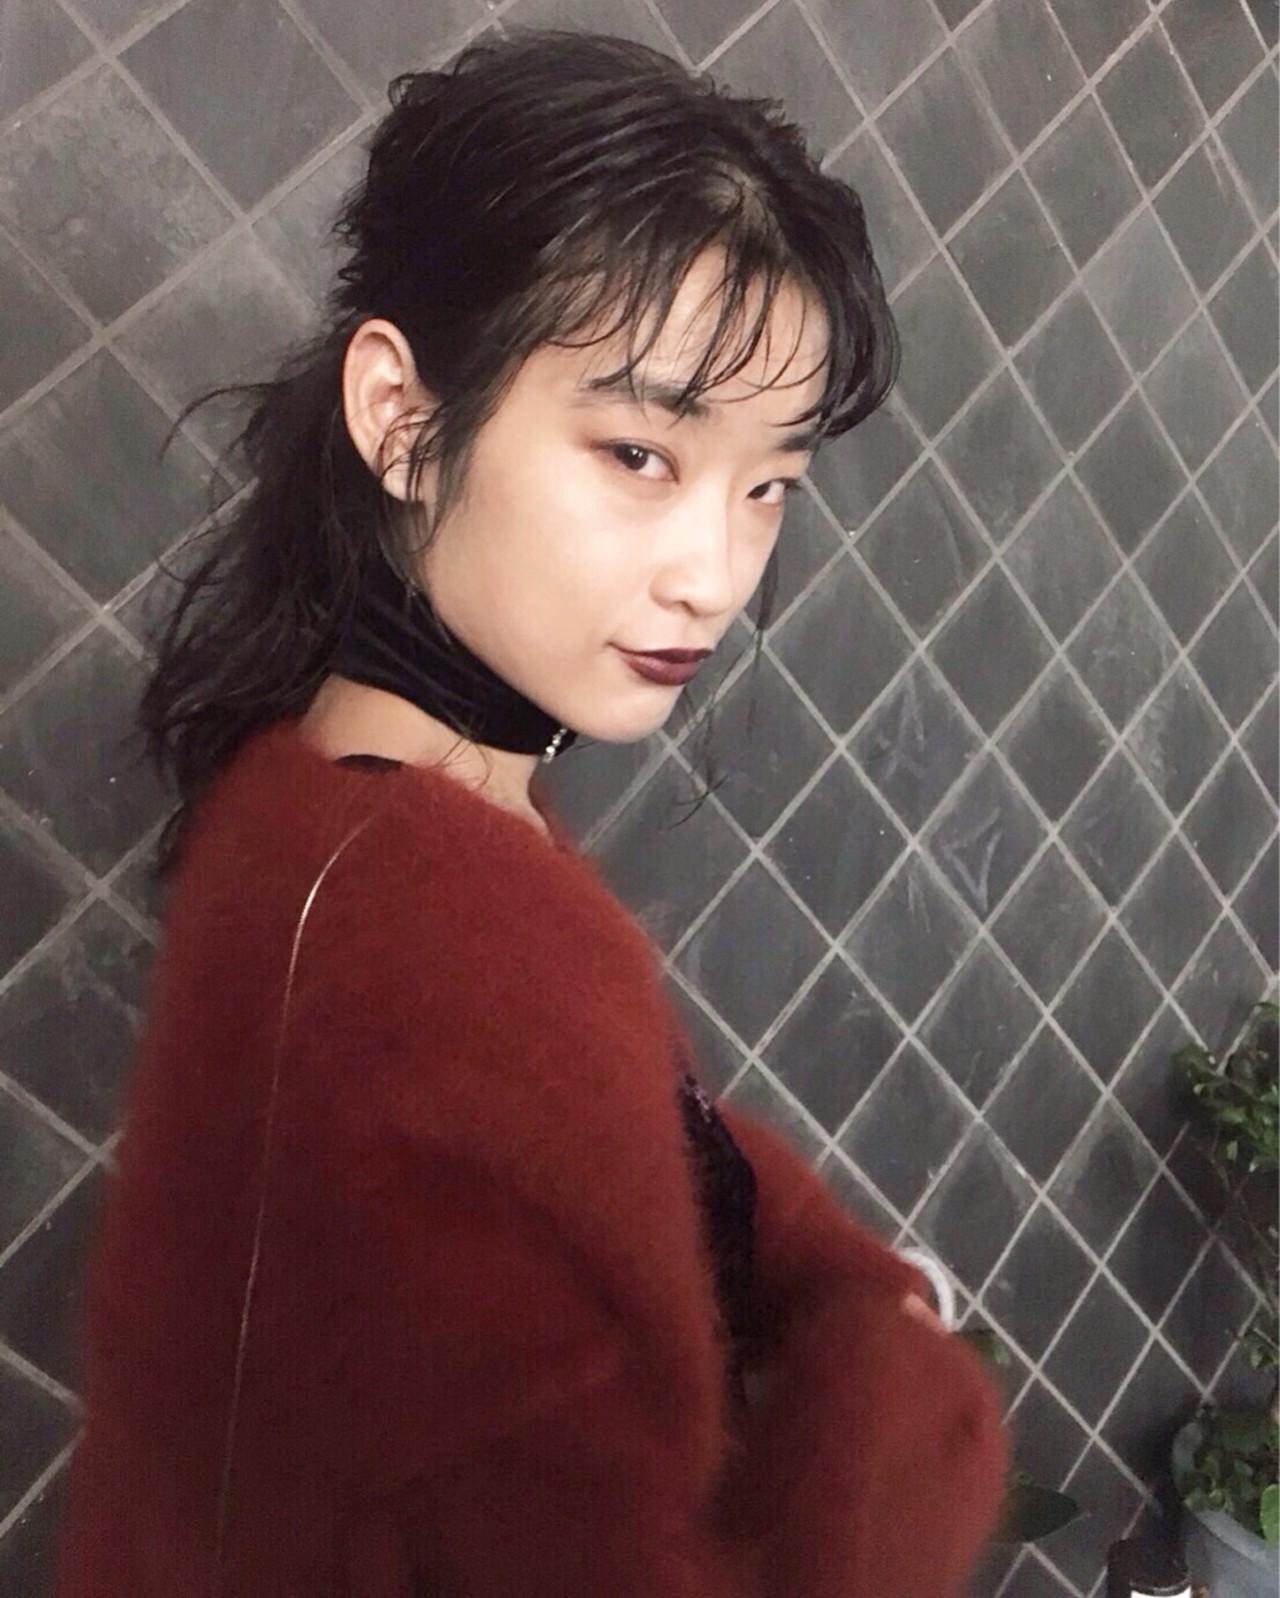 簡単ヘアアレンジ 色気 謝恩会 モード ヘアスタイルや髪型の写真・画像